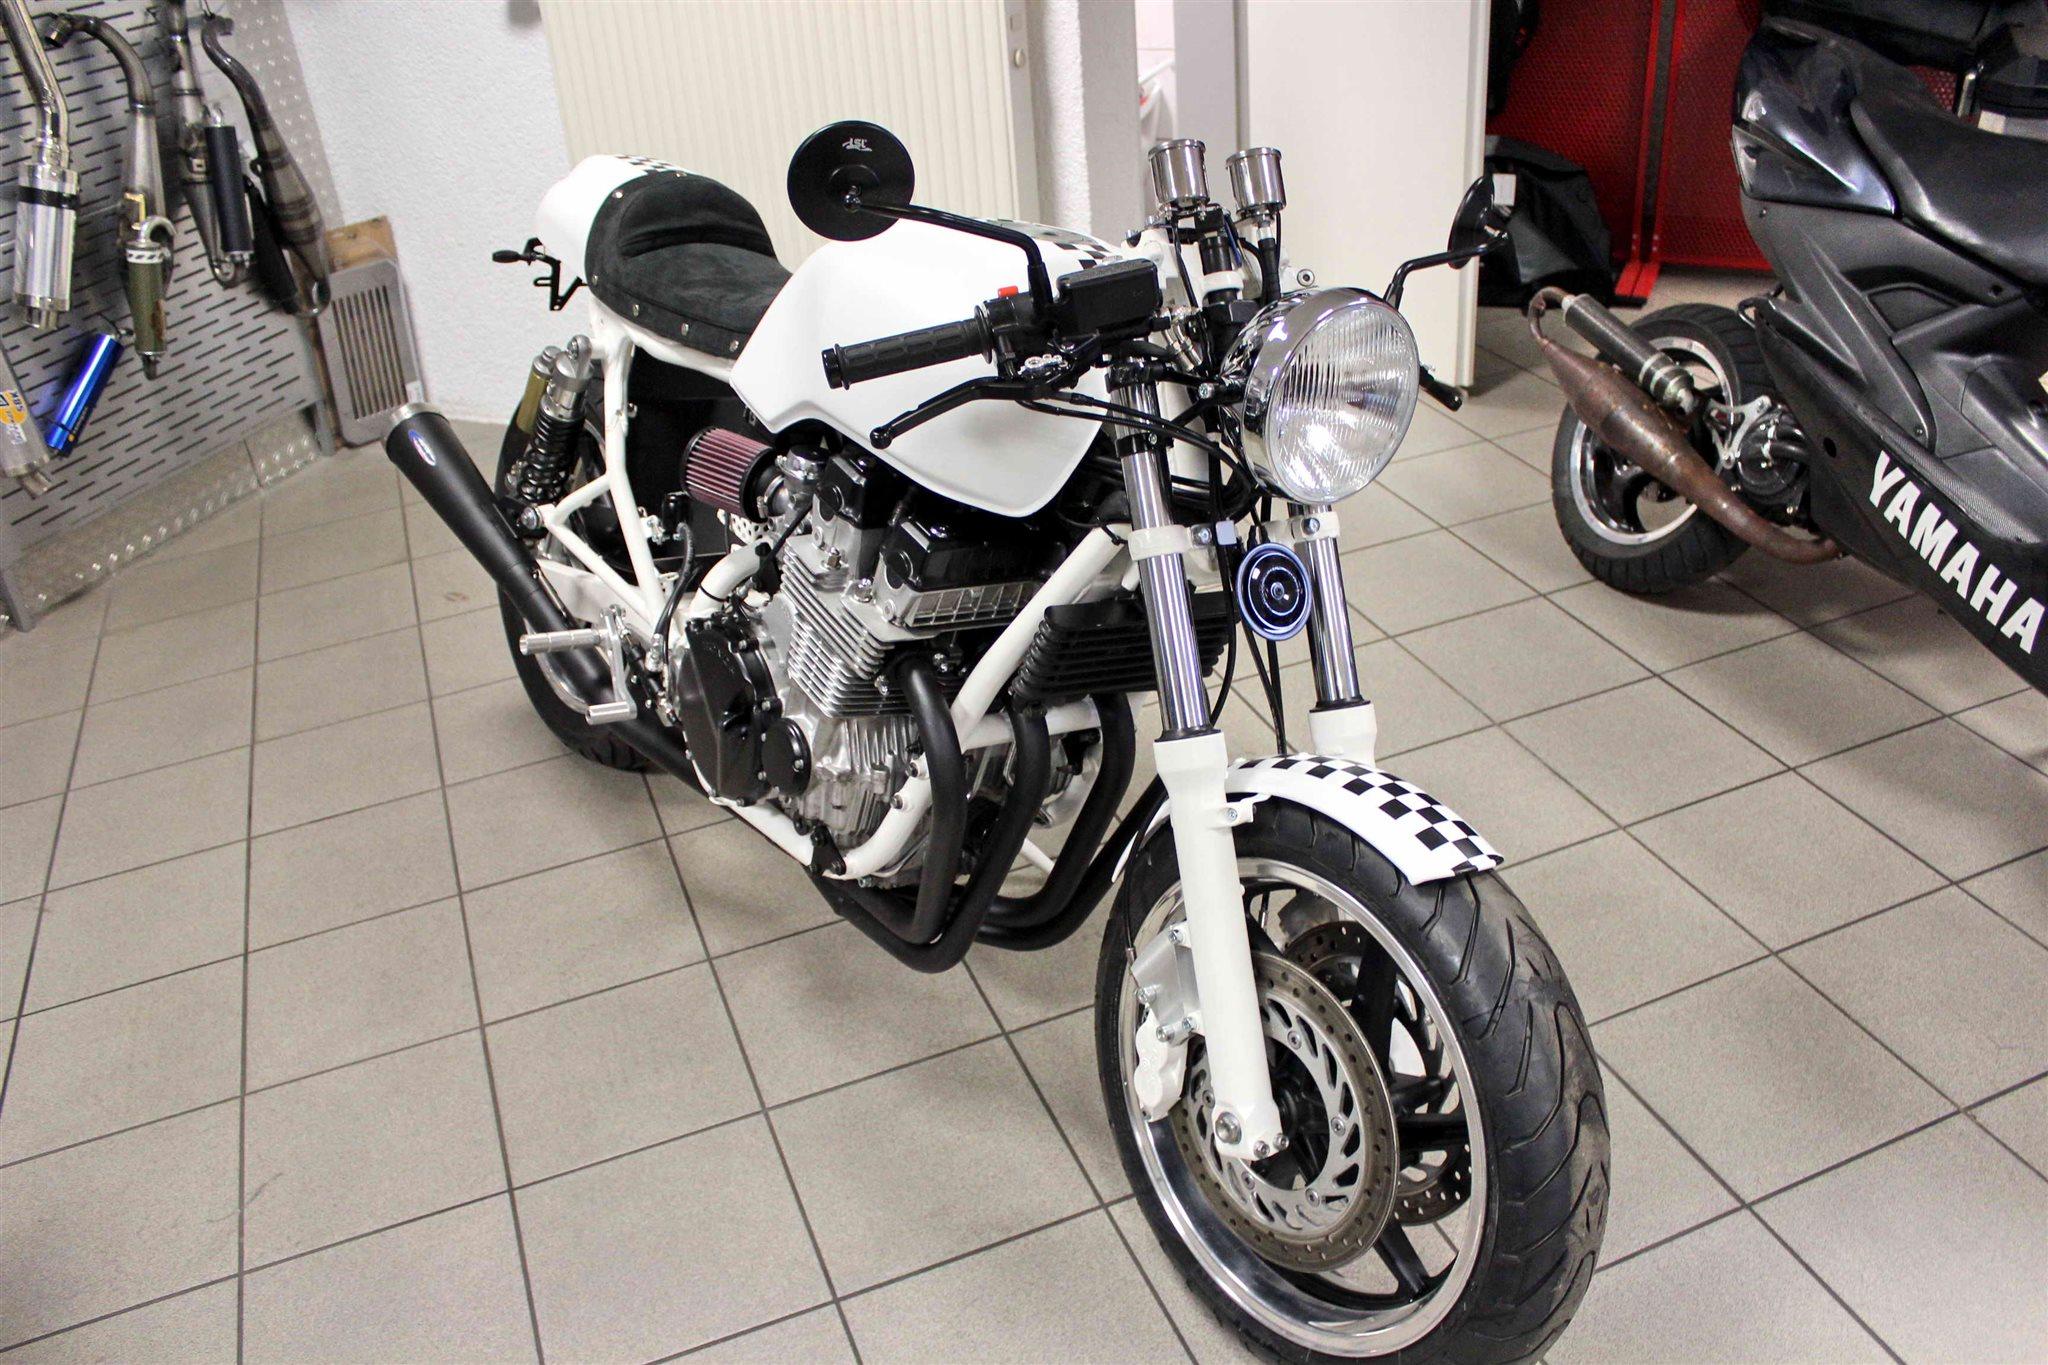 umgebautes motorrad honda cb 750 sevenfifty von auto und motorradhaus b rstadt gmbh. Black Bedroom Furniture Sets. Home Design Ideas